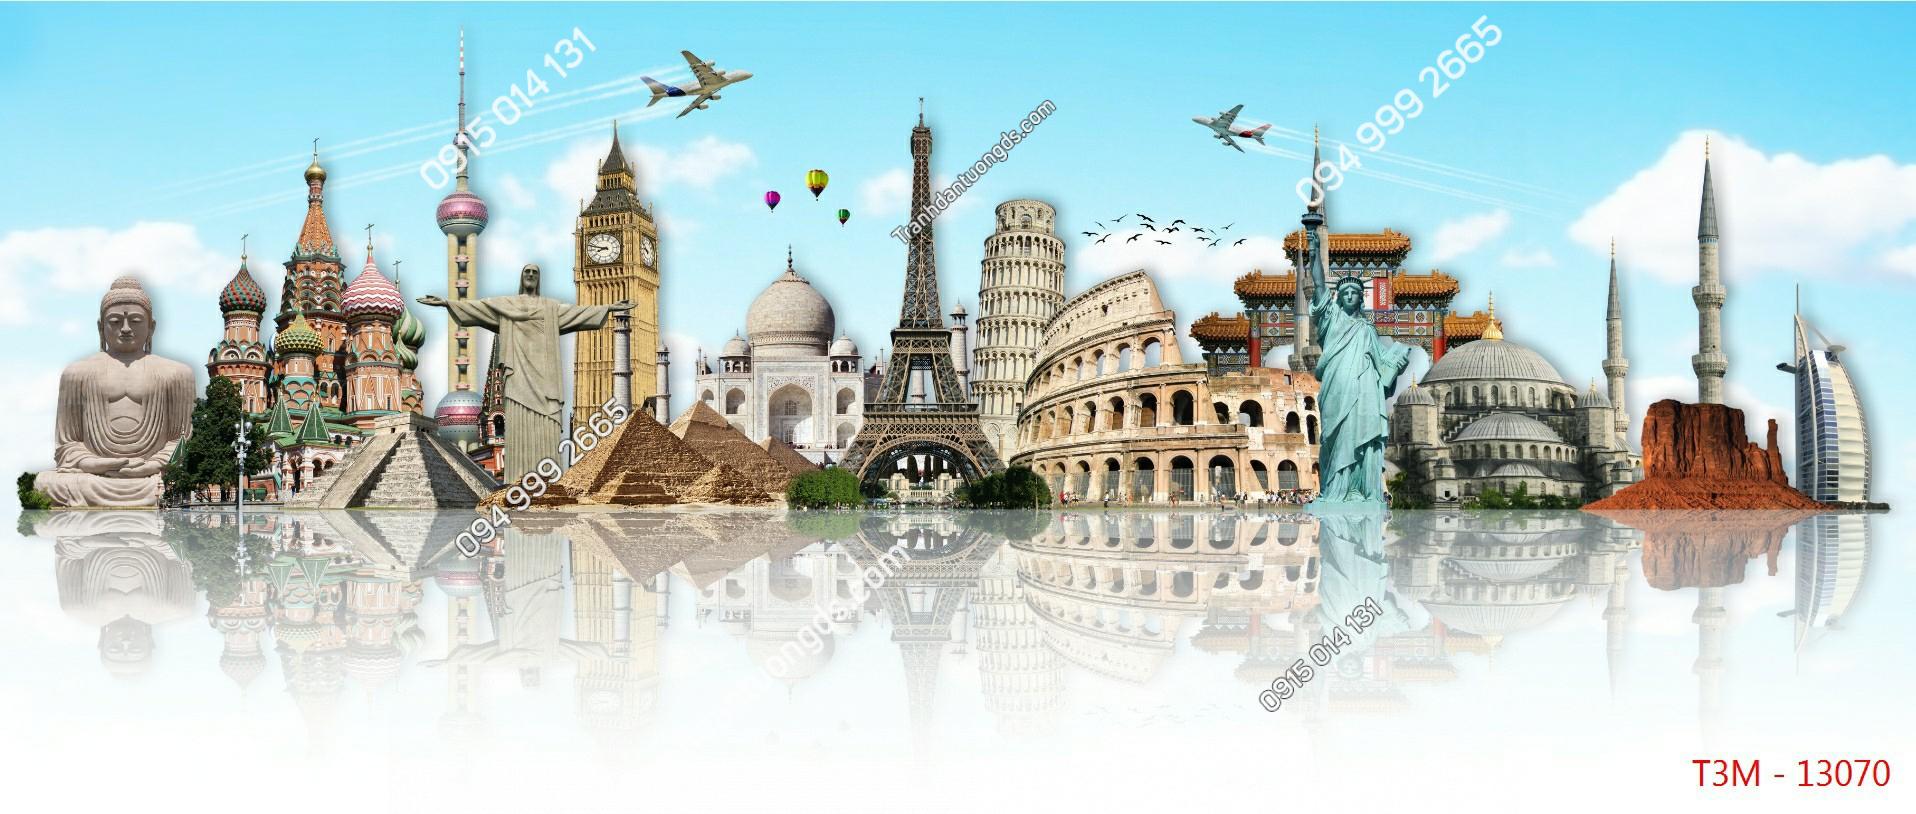 Tranh tường tháp Eiffel và các kỳ quan - 13070 demo